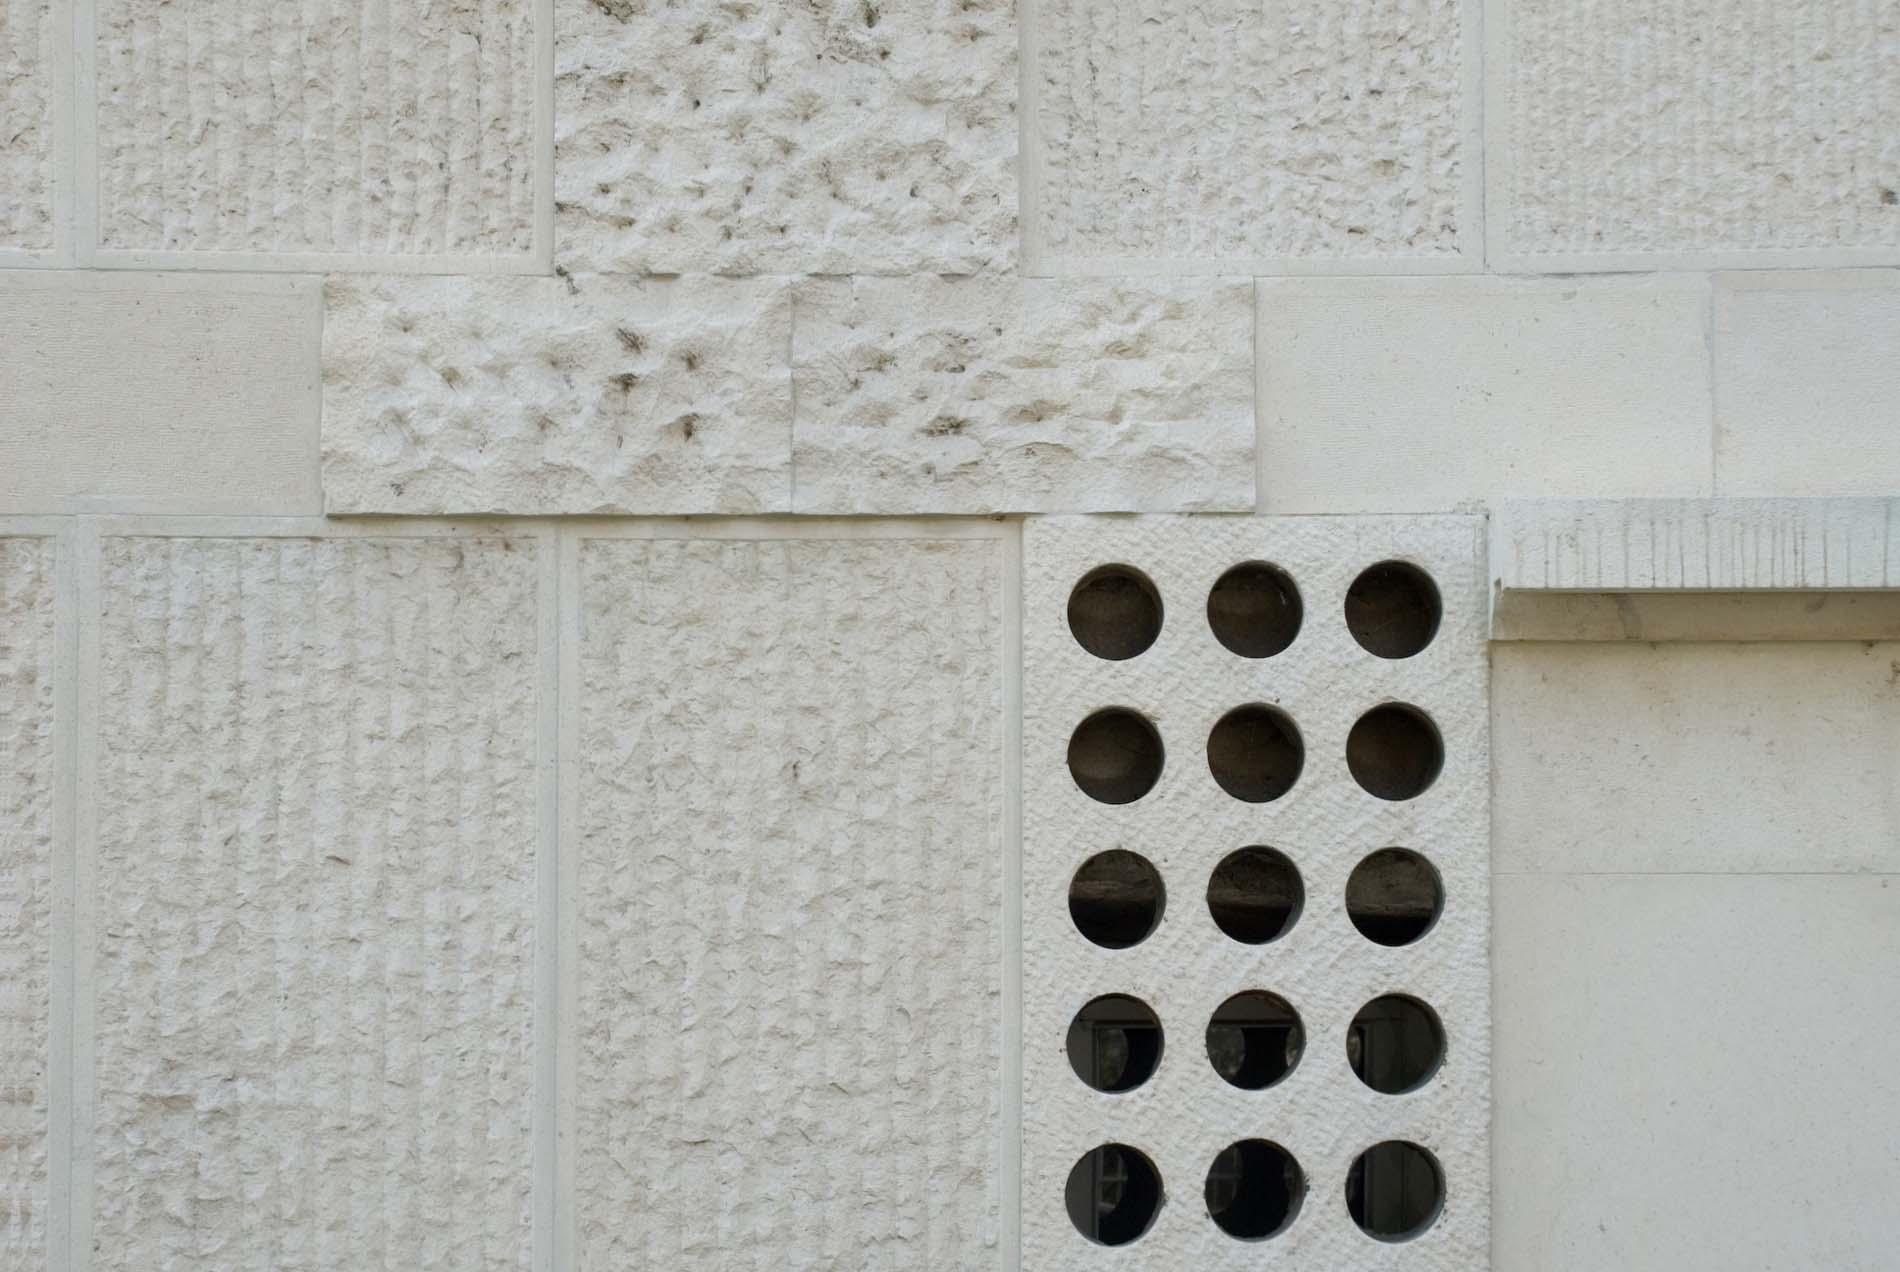 Ausgeklügelt. Das von 1940–1951 errichtete Gebäude der Modernen Galerie wurde vom Architekten Edvard Ravnikar entworfen und gilt als sein erstes bedeutendes Werk in Ljubljana. Einige Merkmale des Baus verraten den Einfluss Plečniks – er war Student des slowenischen Großarchitekten – insbesondere seiner National- und Universitätsbibliothek, wo Ravnikar bei der Aufsicht mitwirkte. Dieser Einfluss zeigt sich an der Fassade mit heraustretenden Steinblöcken. An den großen Lehrmeister erinnern ferner die Ziersäulen in der Mitte der Fenster sowie deren Umrandungen aus Kunststein. Trotzdem ist die Moderne Galerie im Gegensatz zu Plečniks Schöpfungen, bei denen gewöhnlich klassische Elemente betont sind, ausgesprochen modern konzipiert, insbesondere in den Grundrissen und bei der ausgeklügelten Innenbeleuchtung.